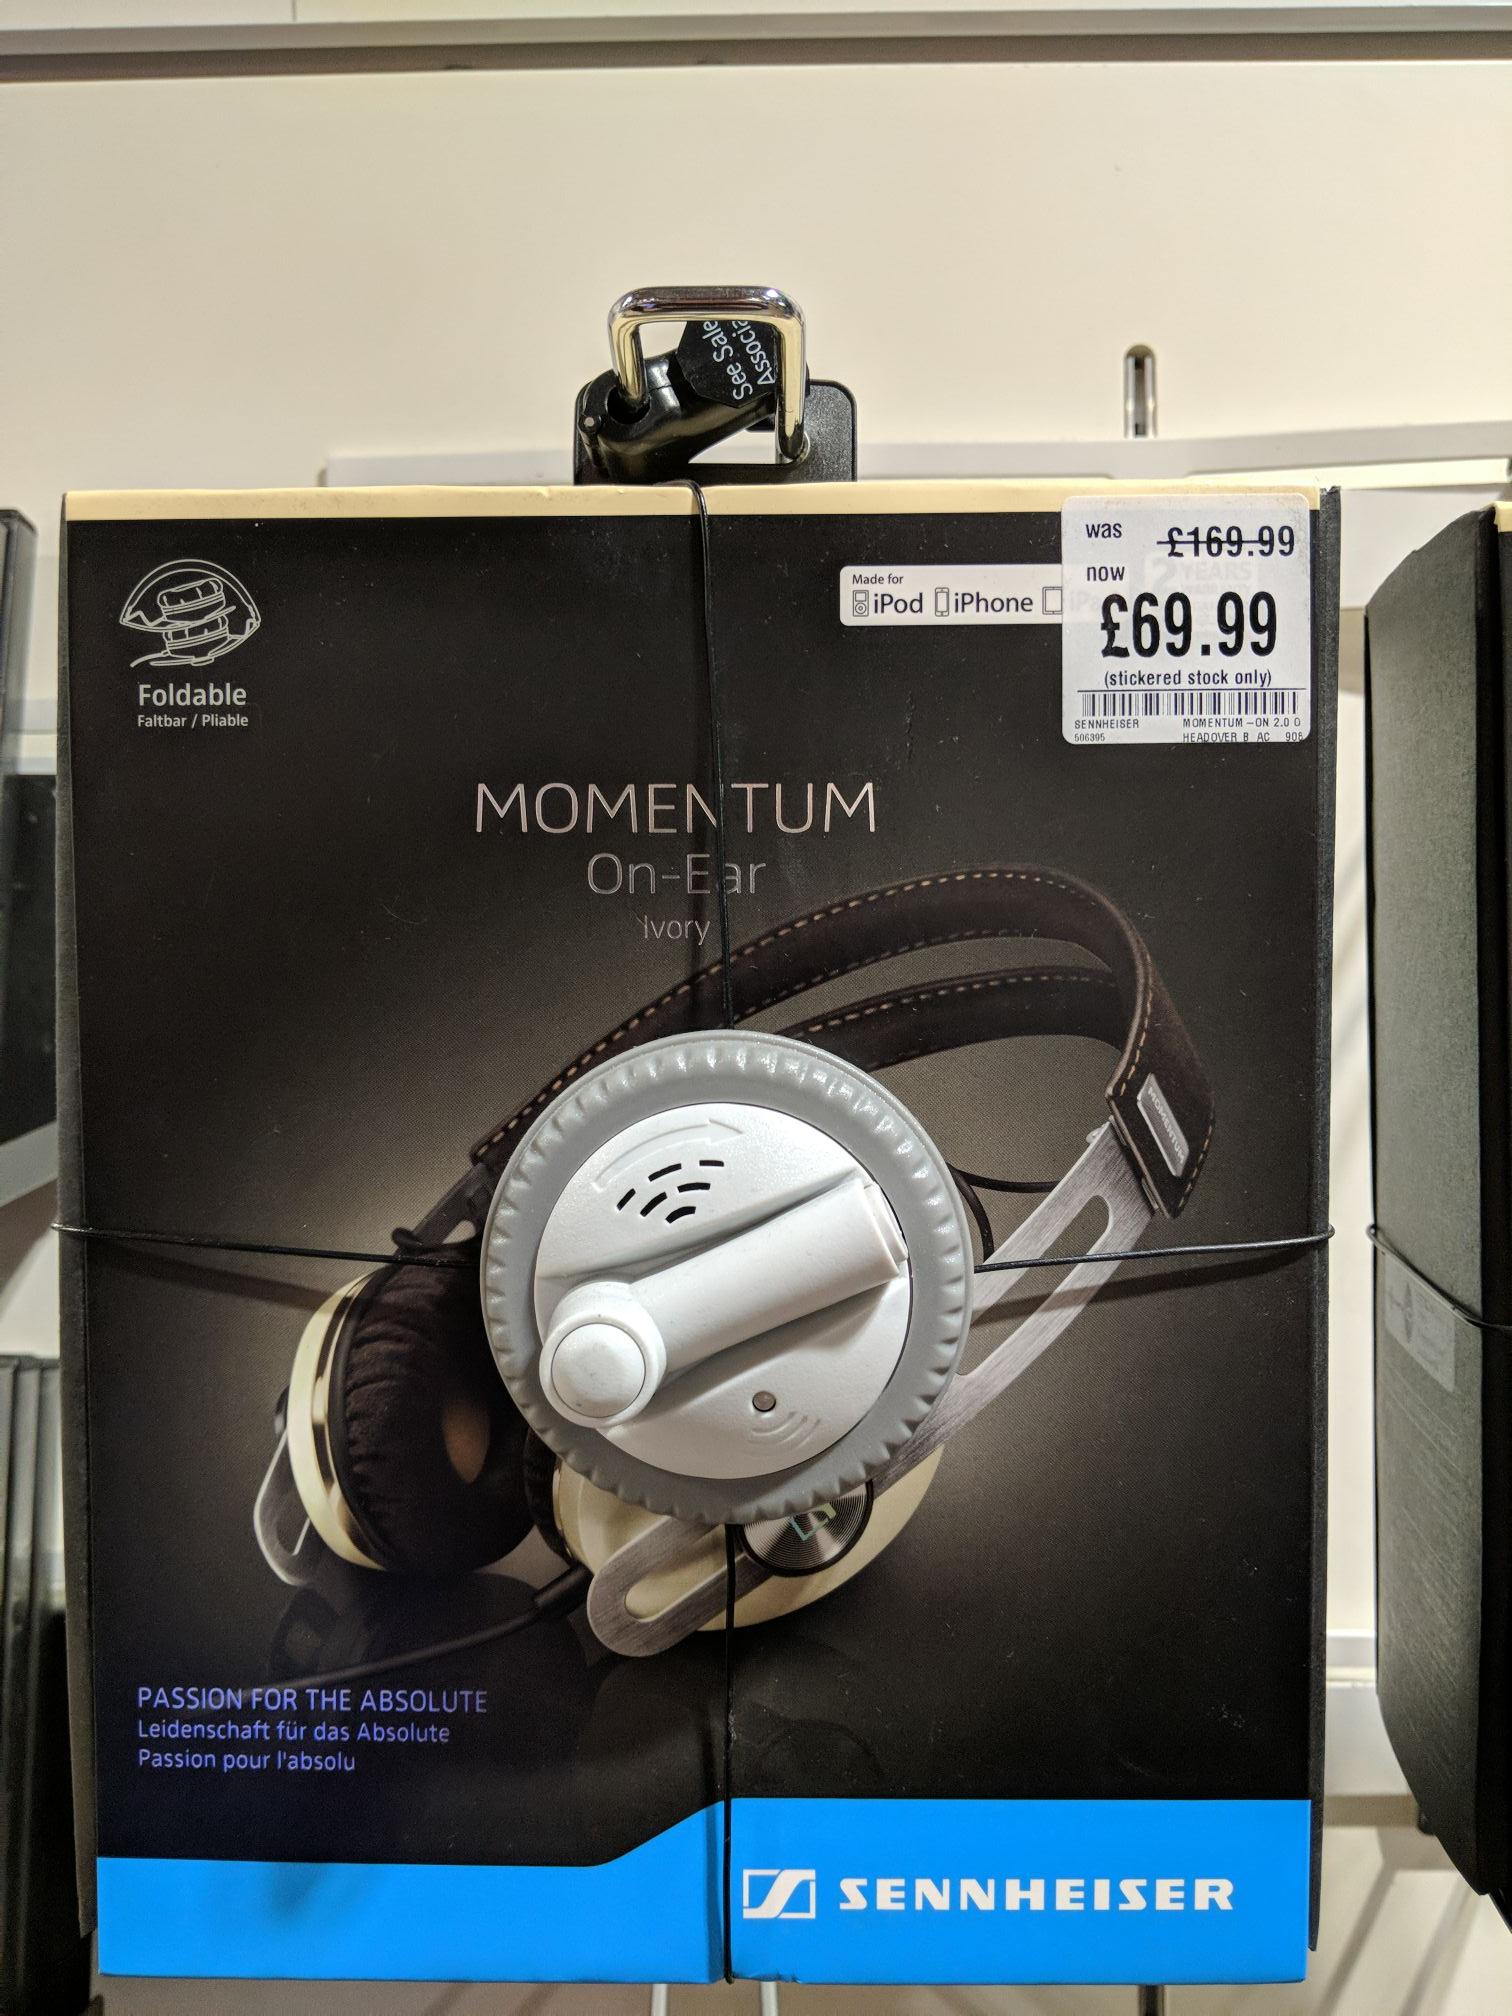 Sennheiser Momentum On-Ear foldable headphones - £69.99 instore @ HMV